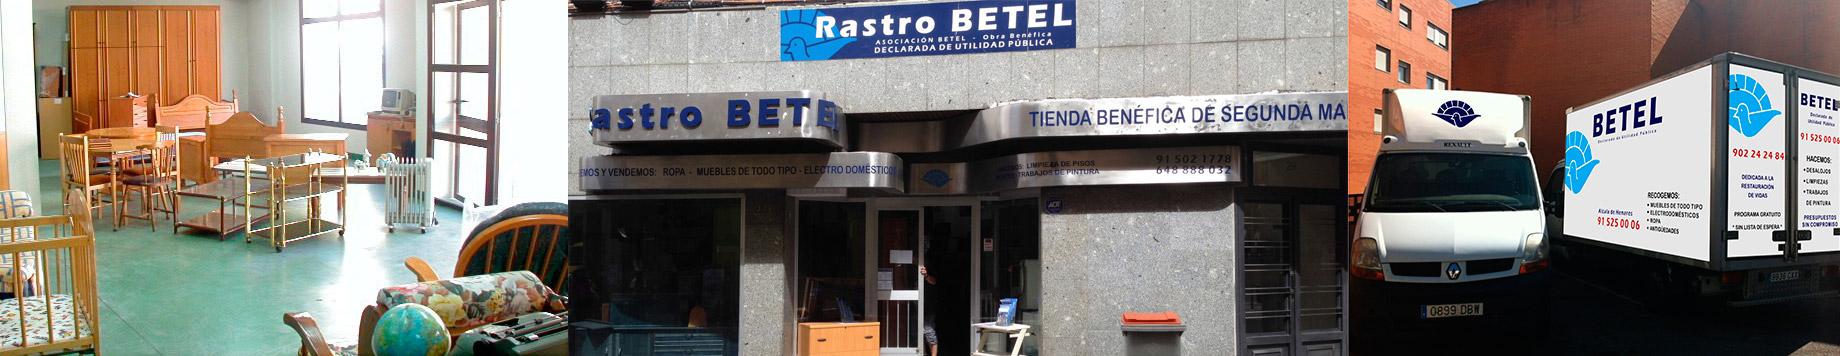 Rastro slid2 recogida de muebles enseres y ropa rastro for Muebles betel